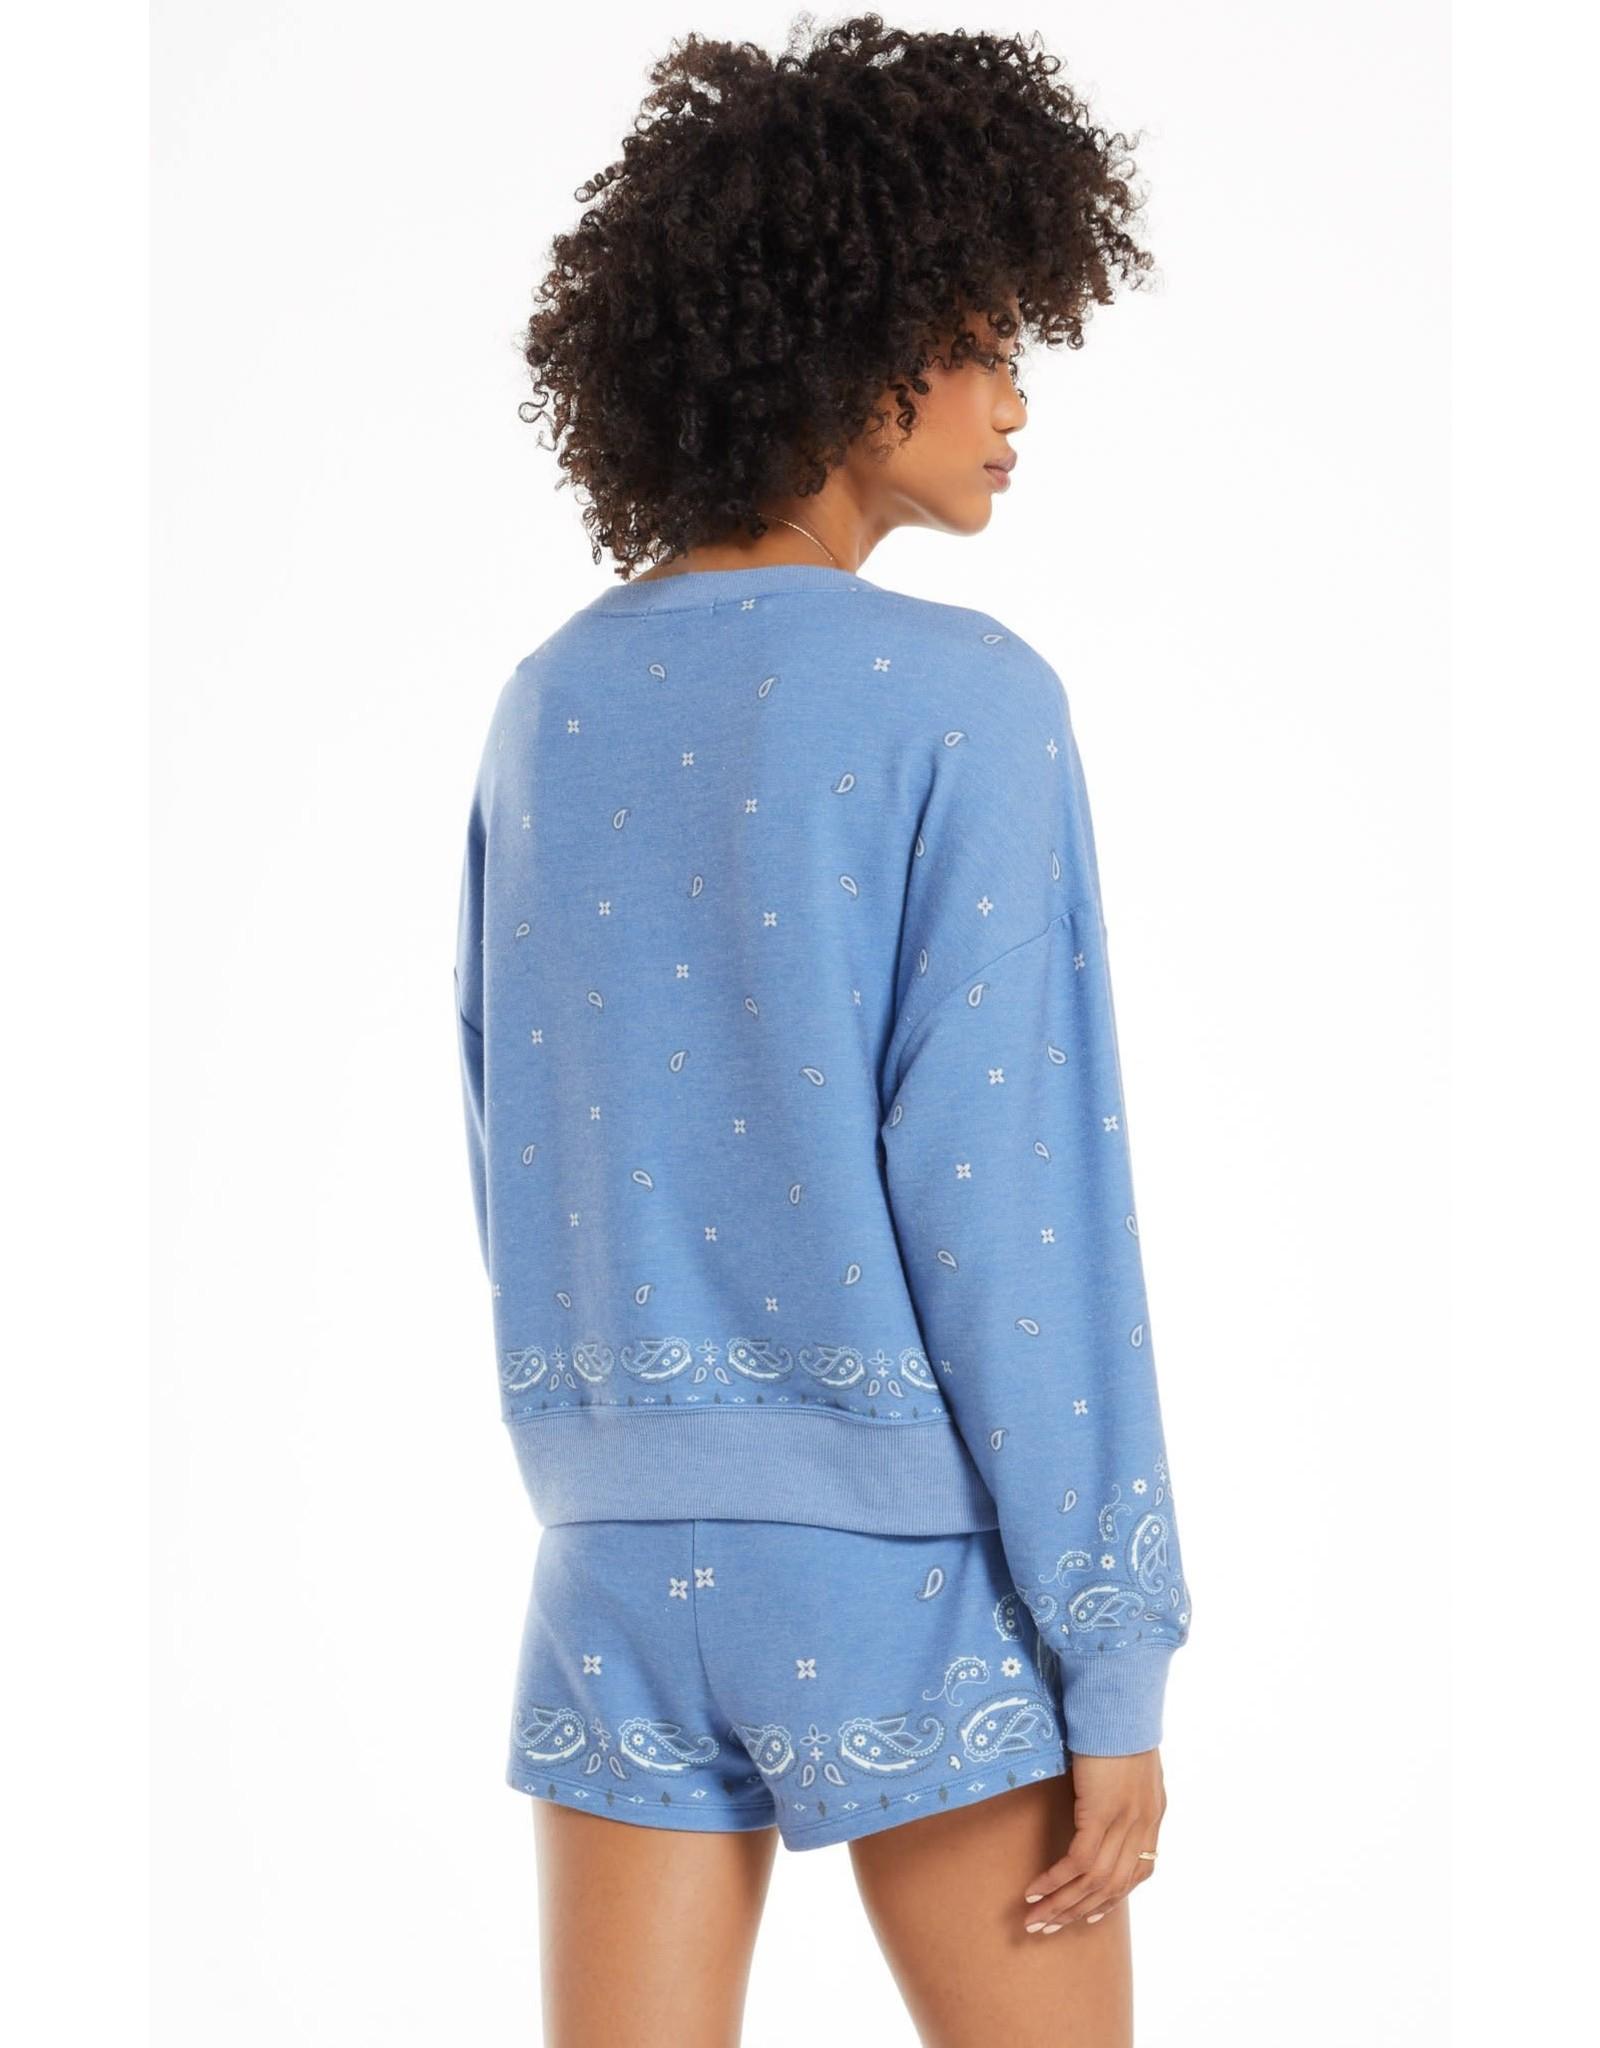 Pyjama Z Lounge Bandana ZLT213284 ZLS213285